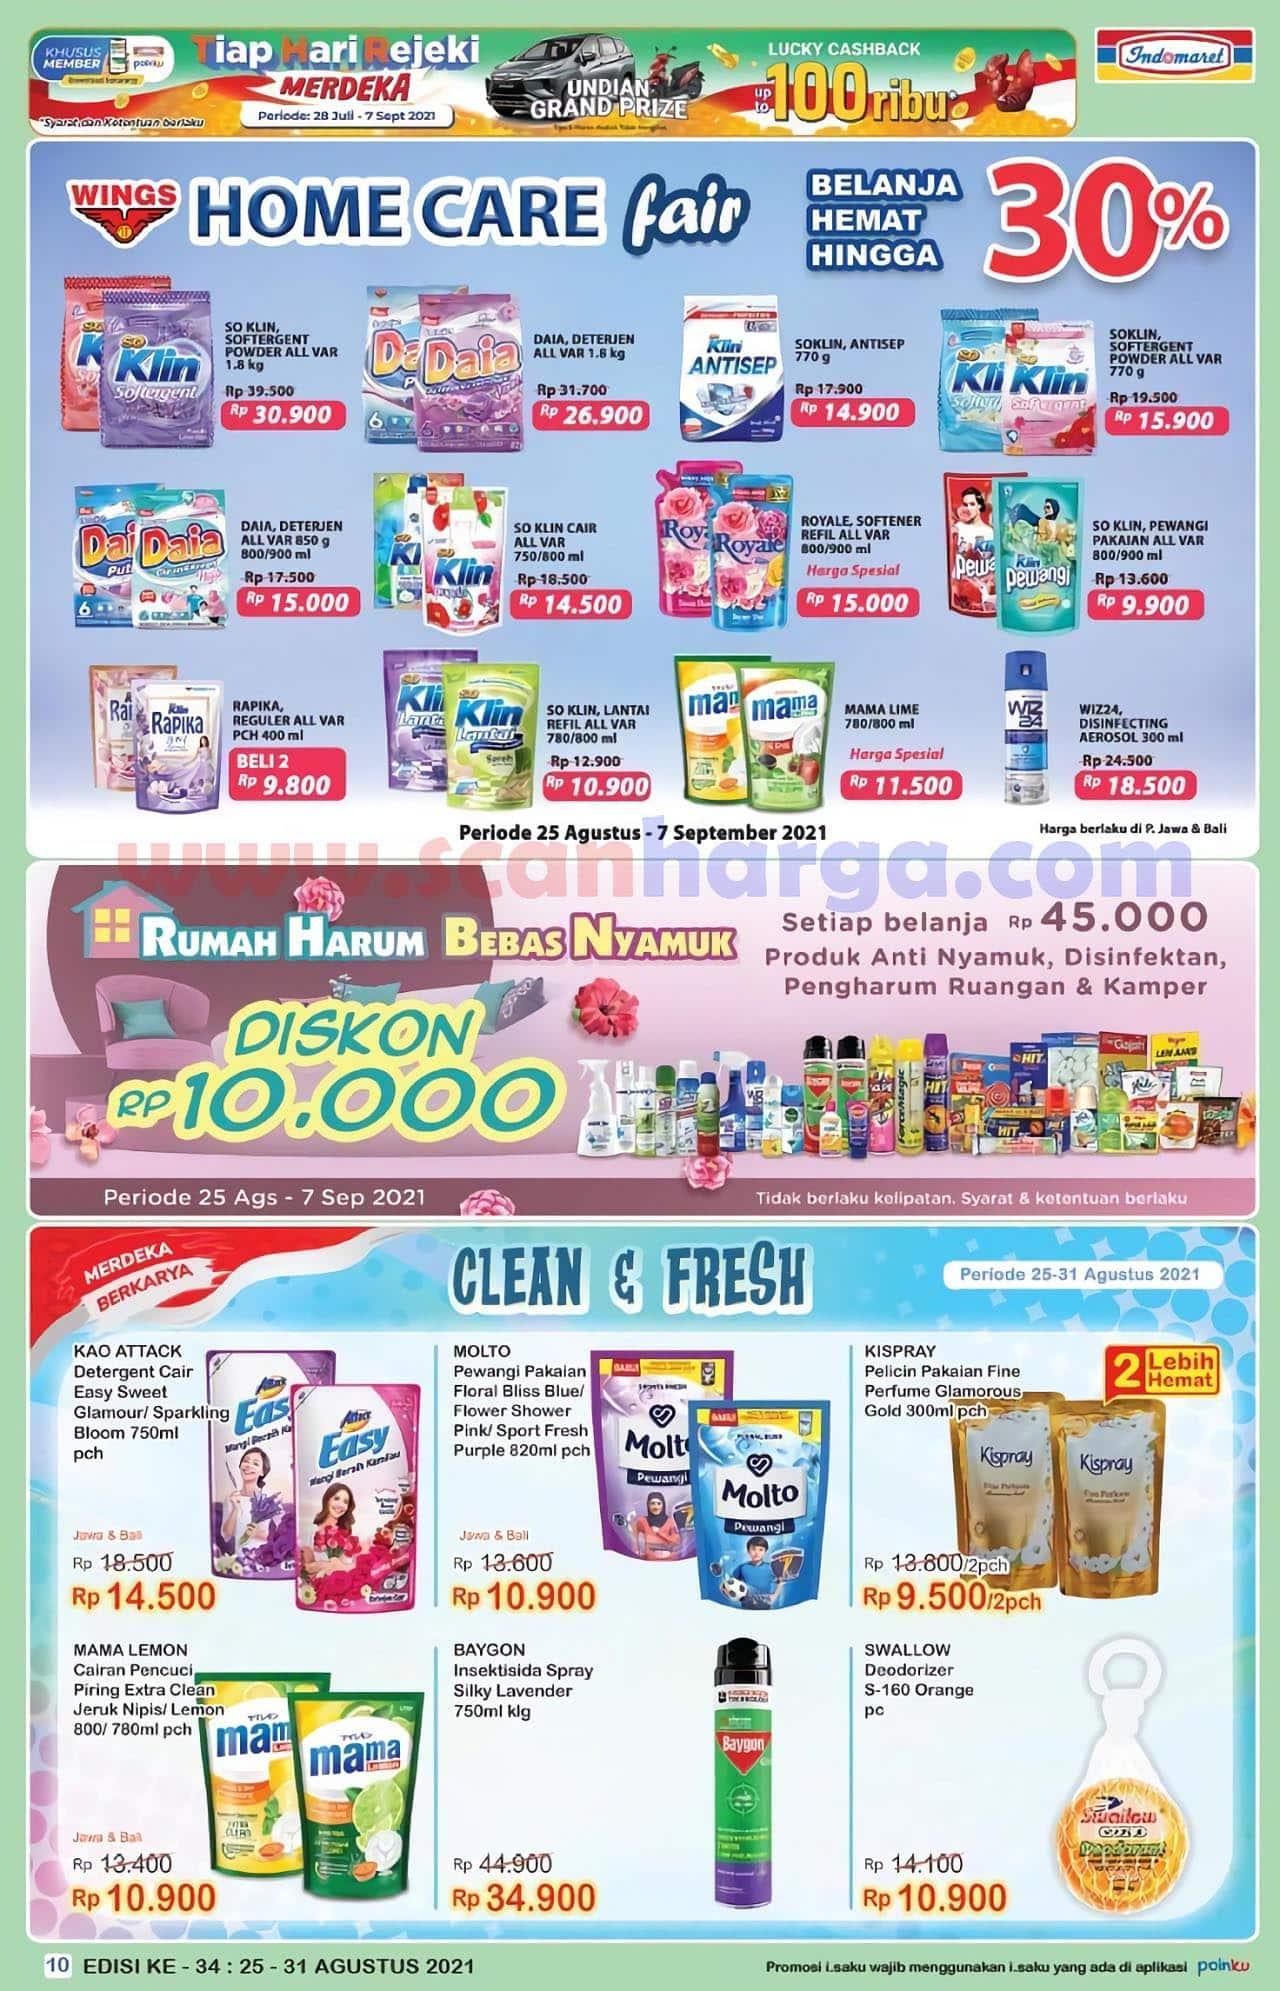 Katalog Promo Indomaret 25 - 31 Agustus 2021 10